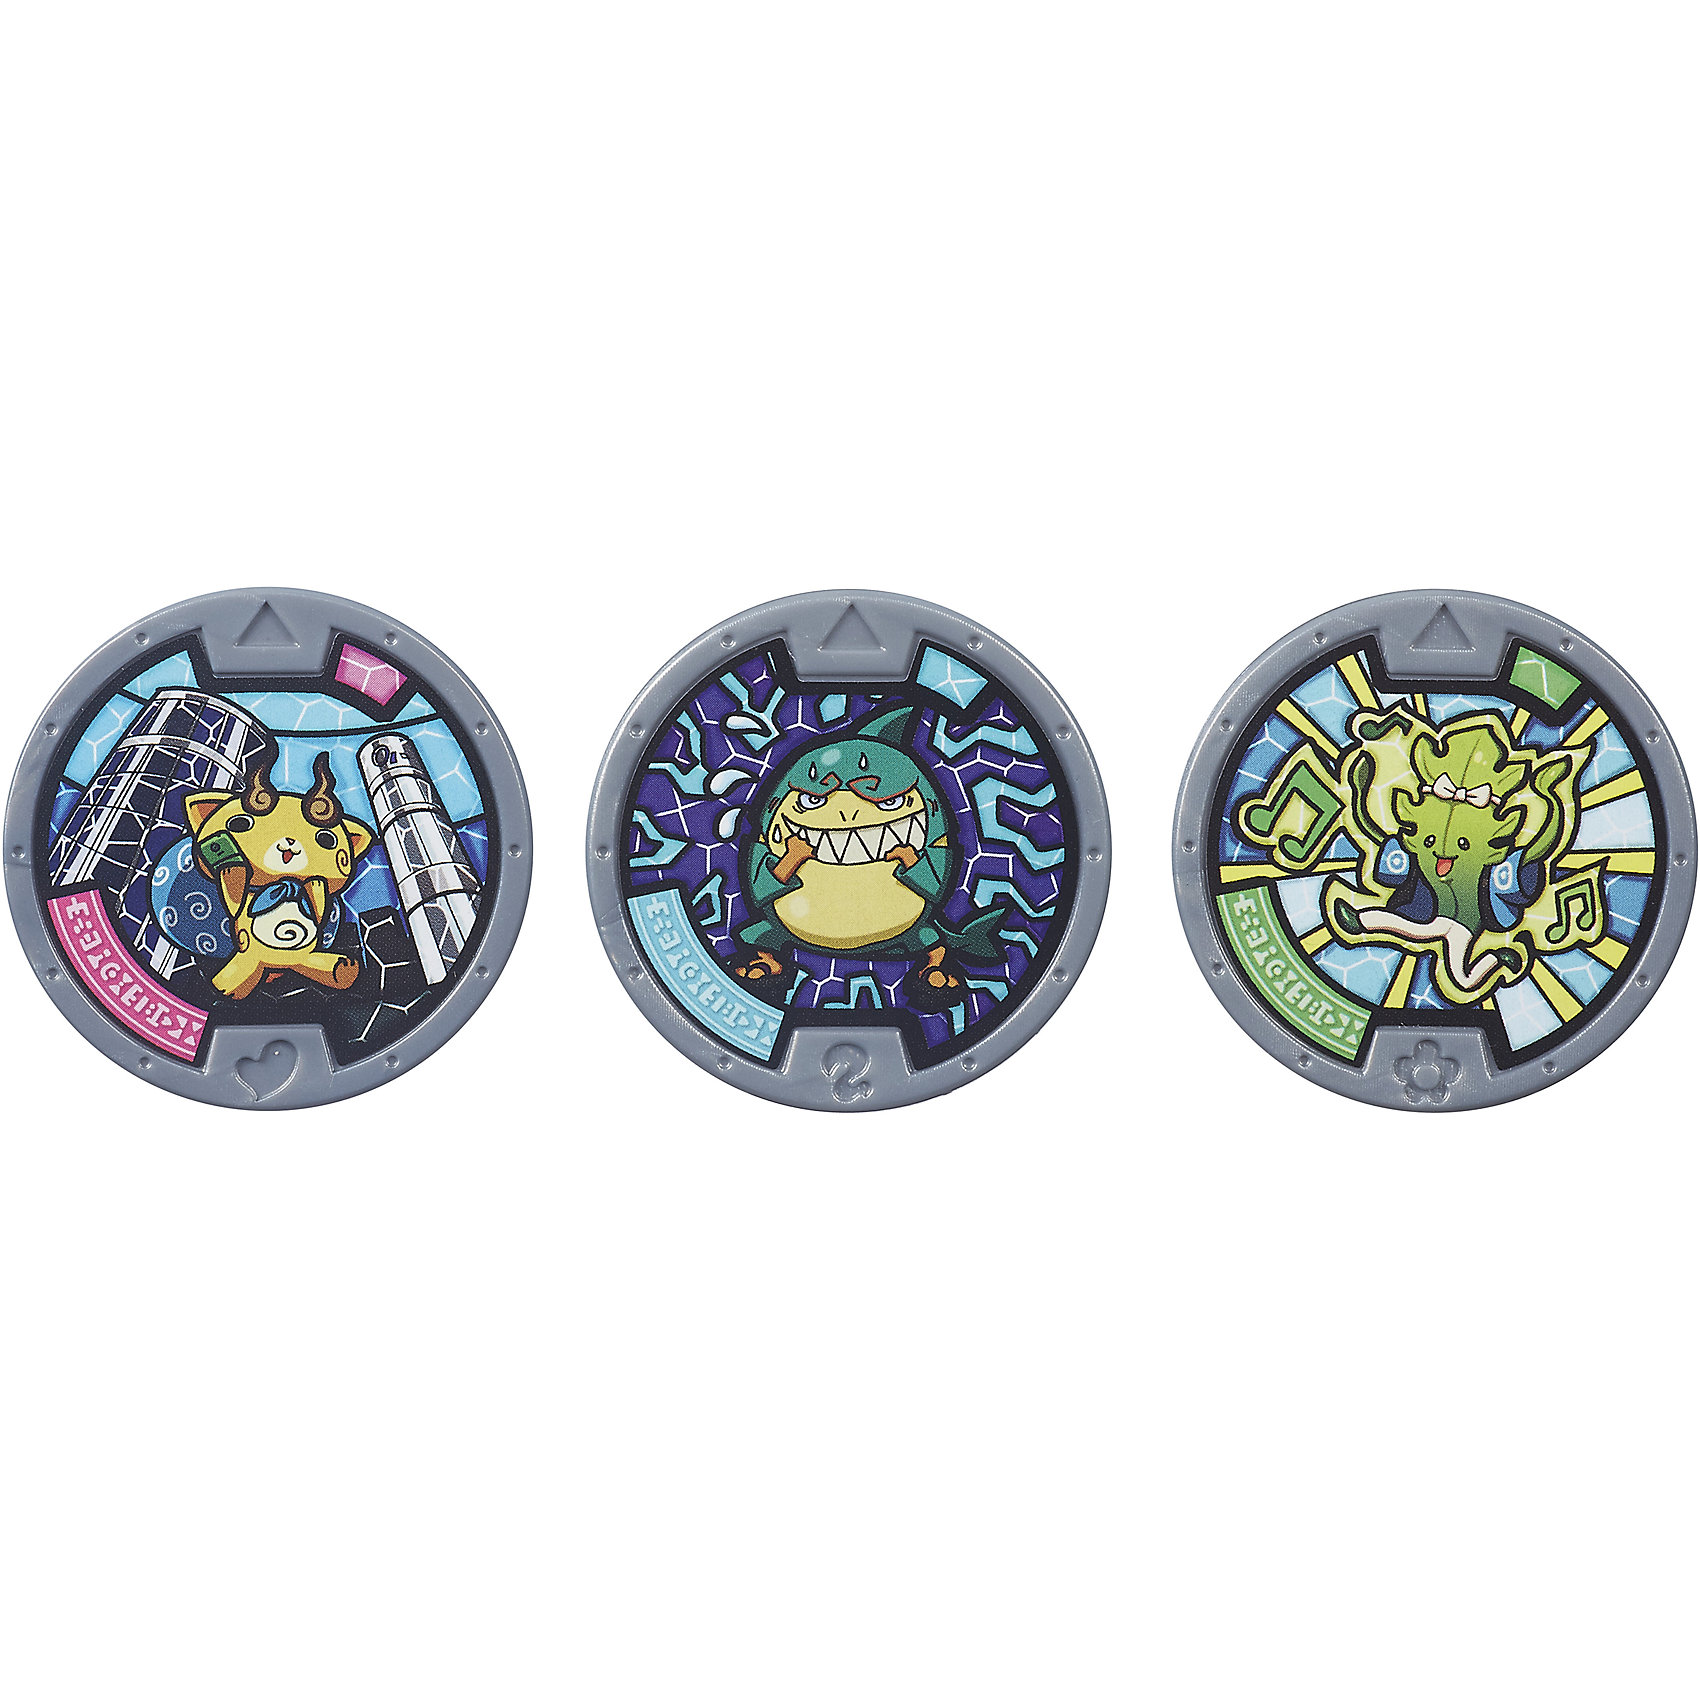 Hasbro Медали в закрытой упаковке, Екай вотч значки и медали за чернобыль купить